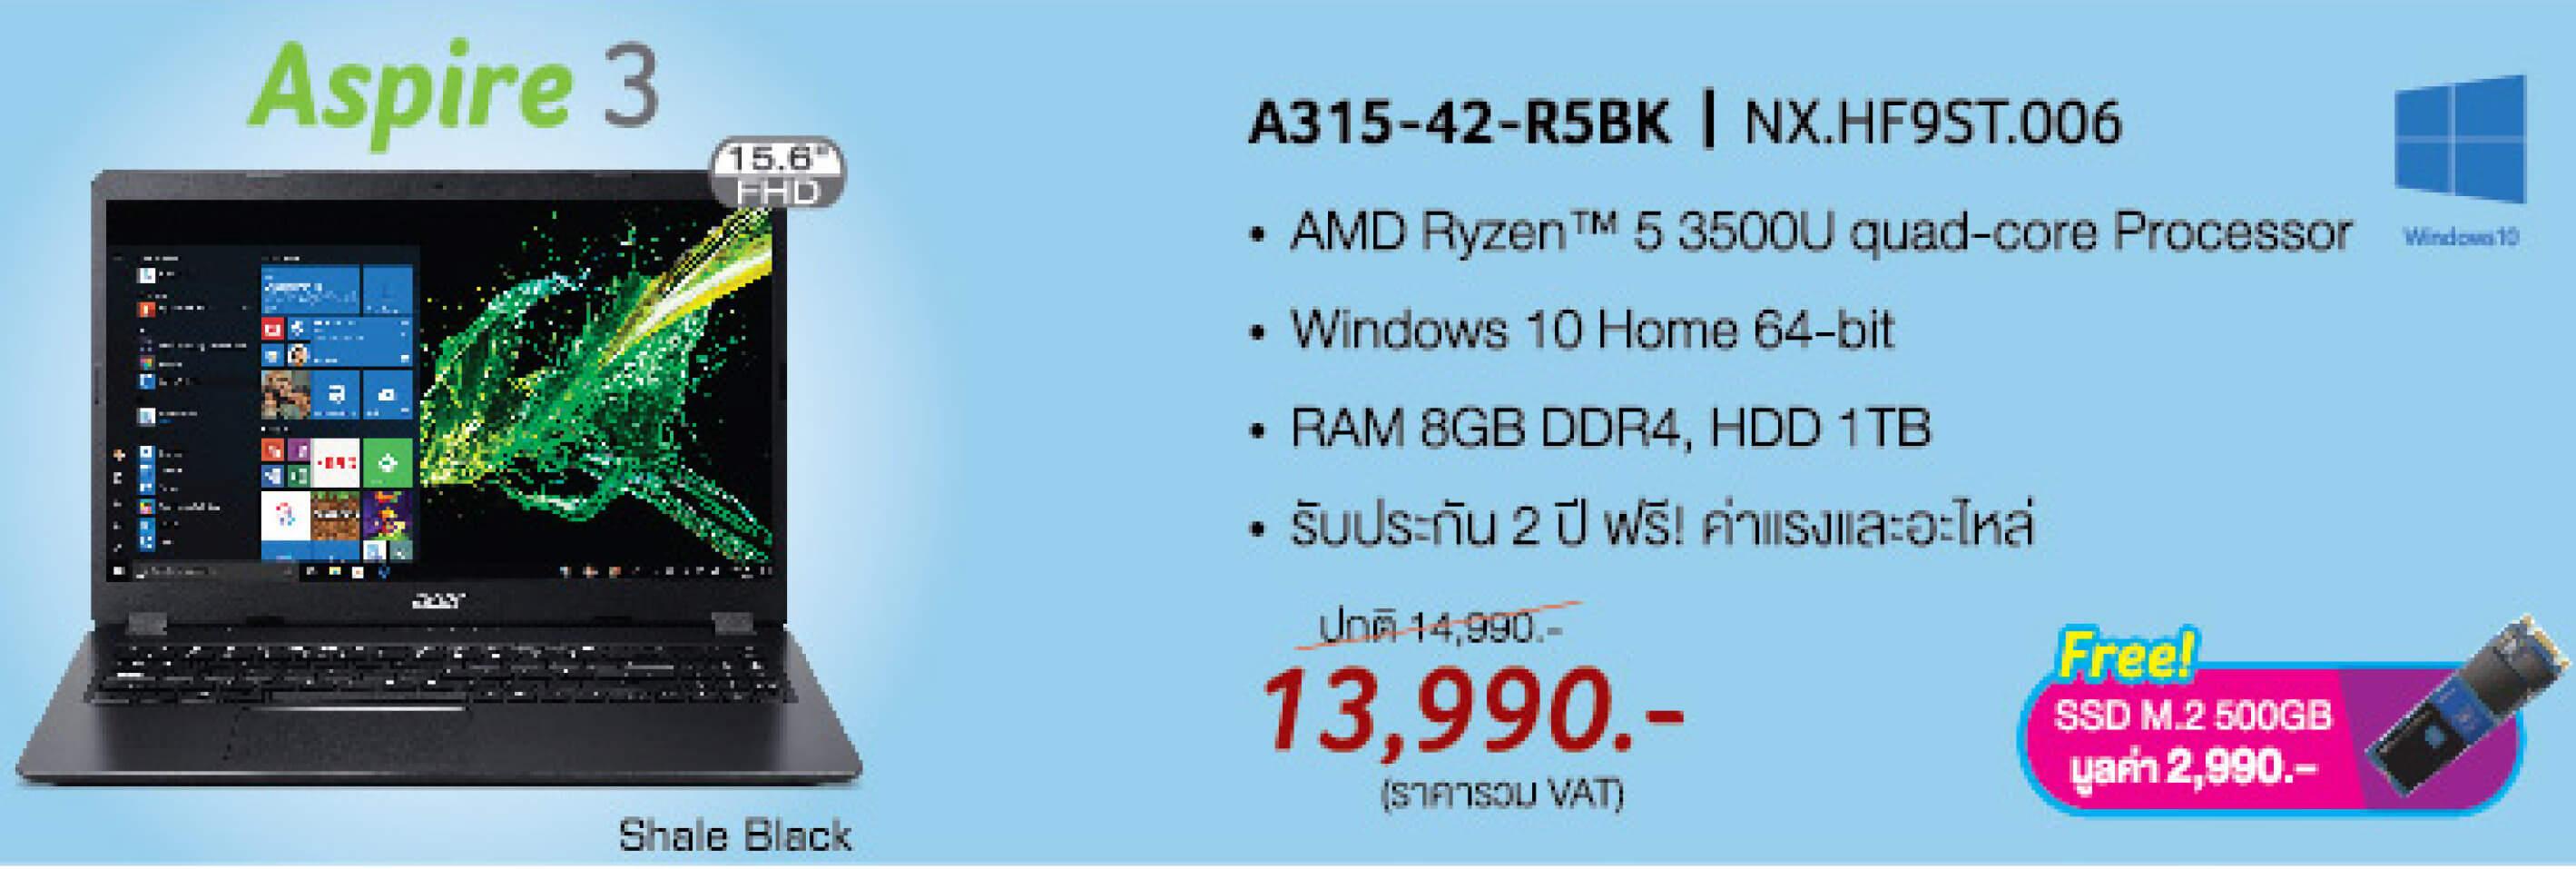 Acer CommartX Pro 2020 p3